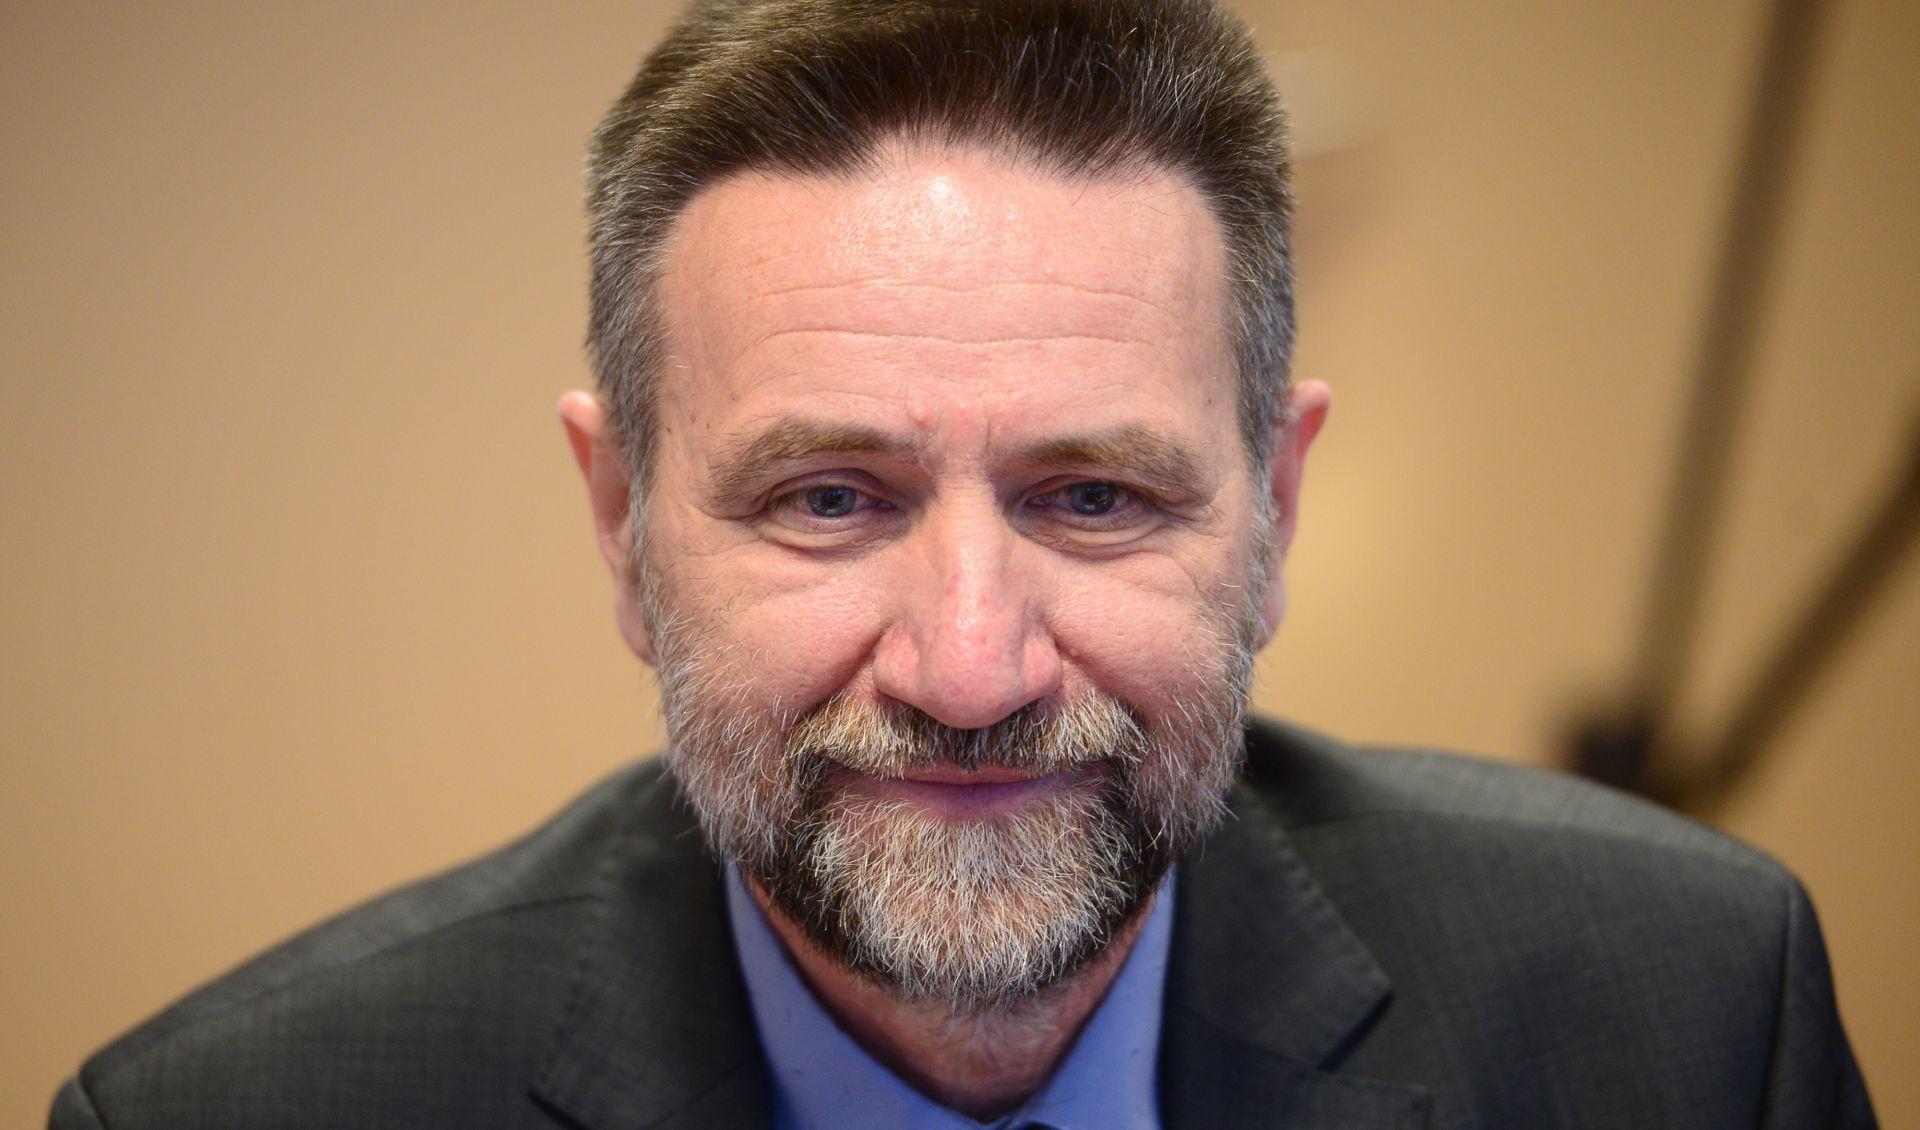 Ministar Barišić plagirao znanstveni rad, zatražena ostavka